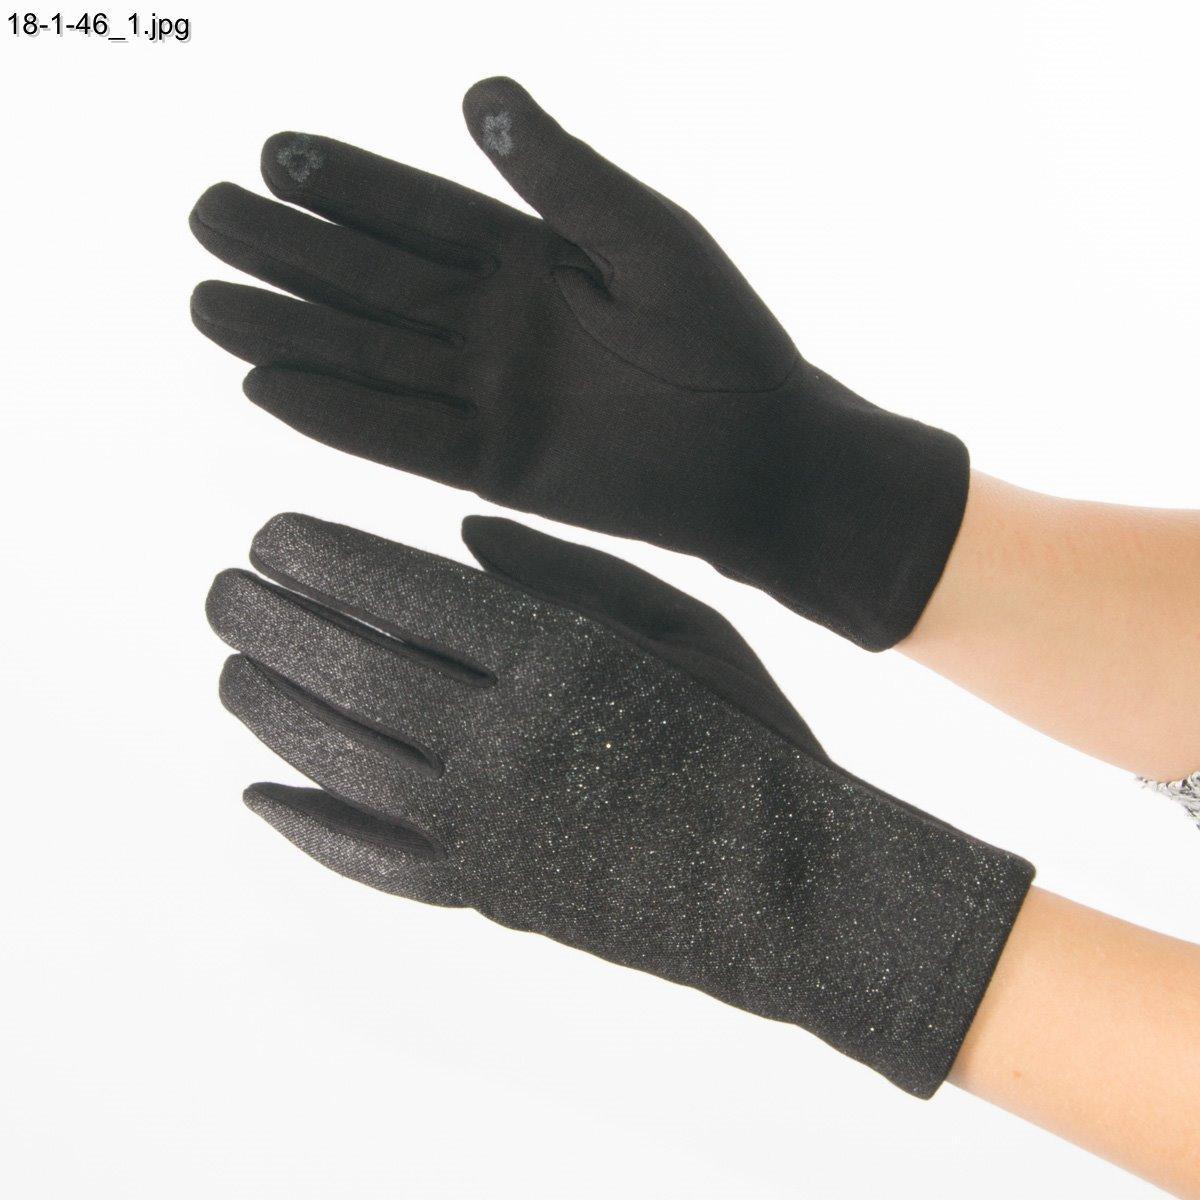 Оптом женские трикотажные перчатки для сенсорных телефонов - №18-1-46